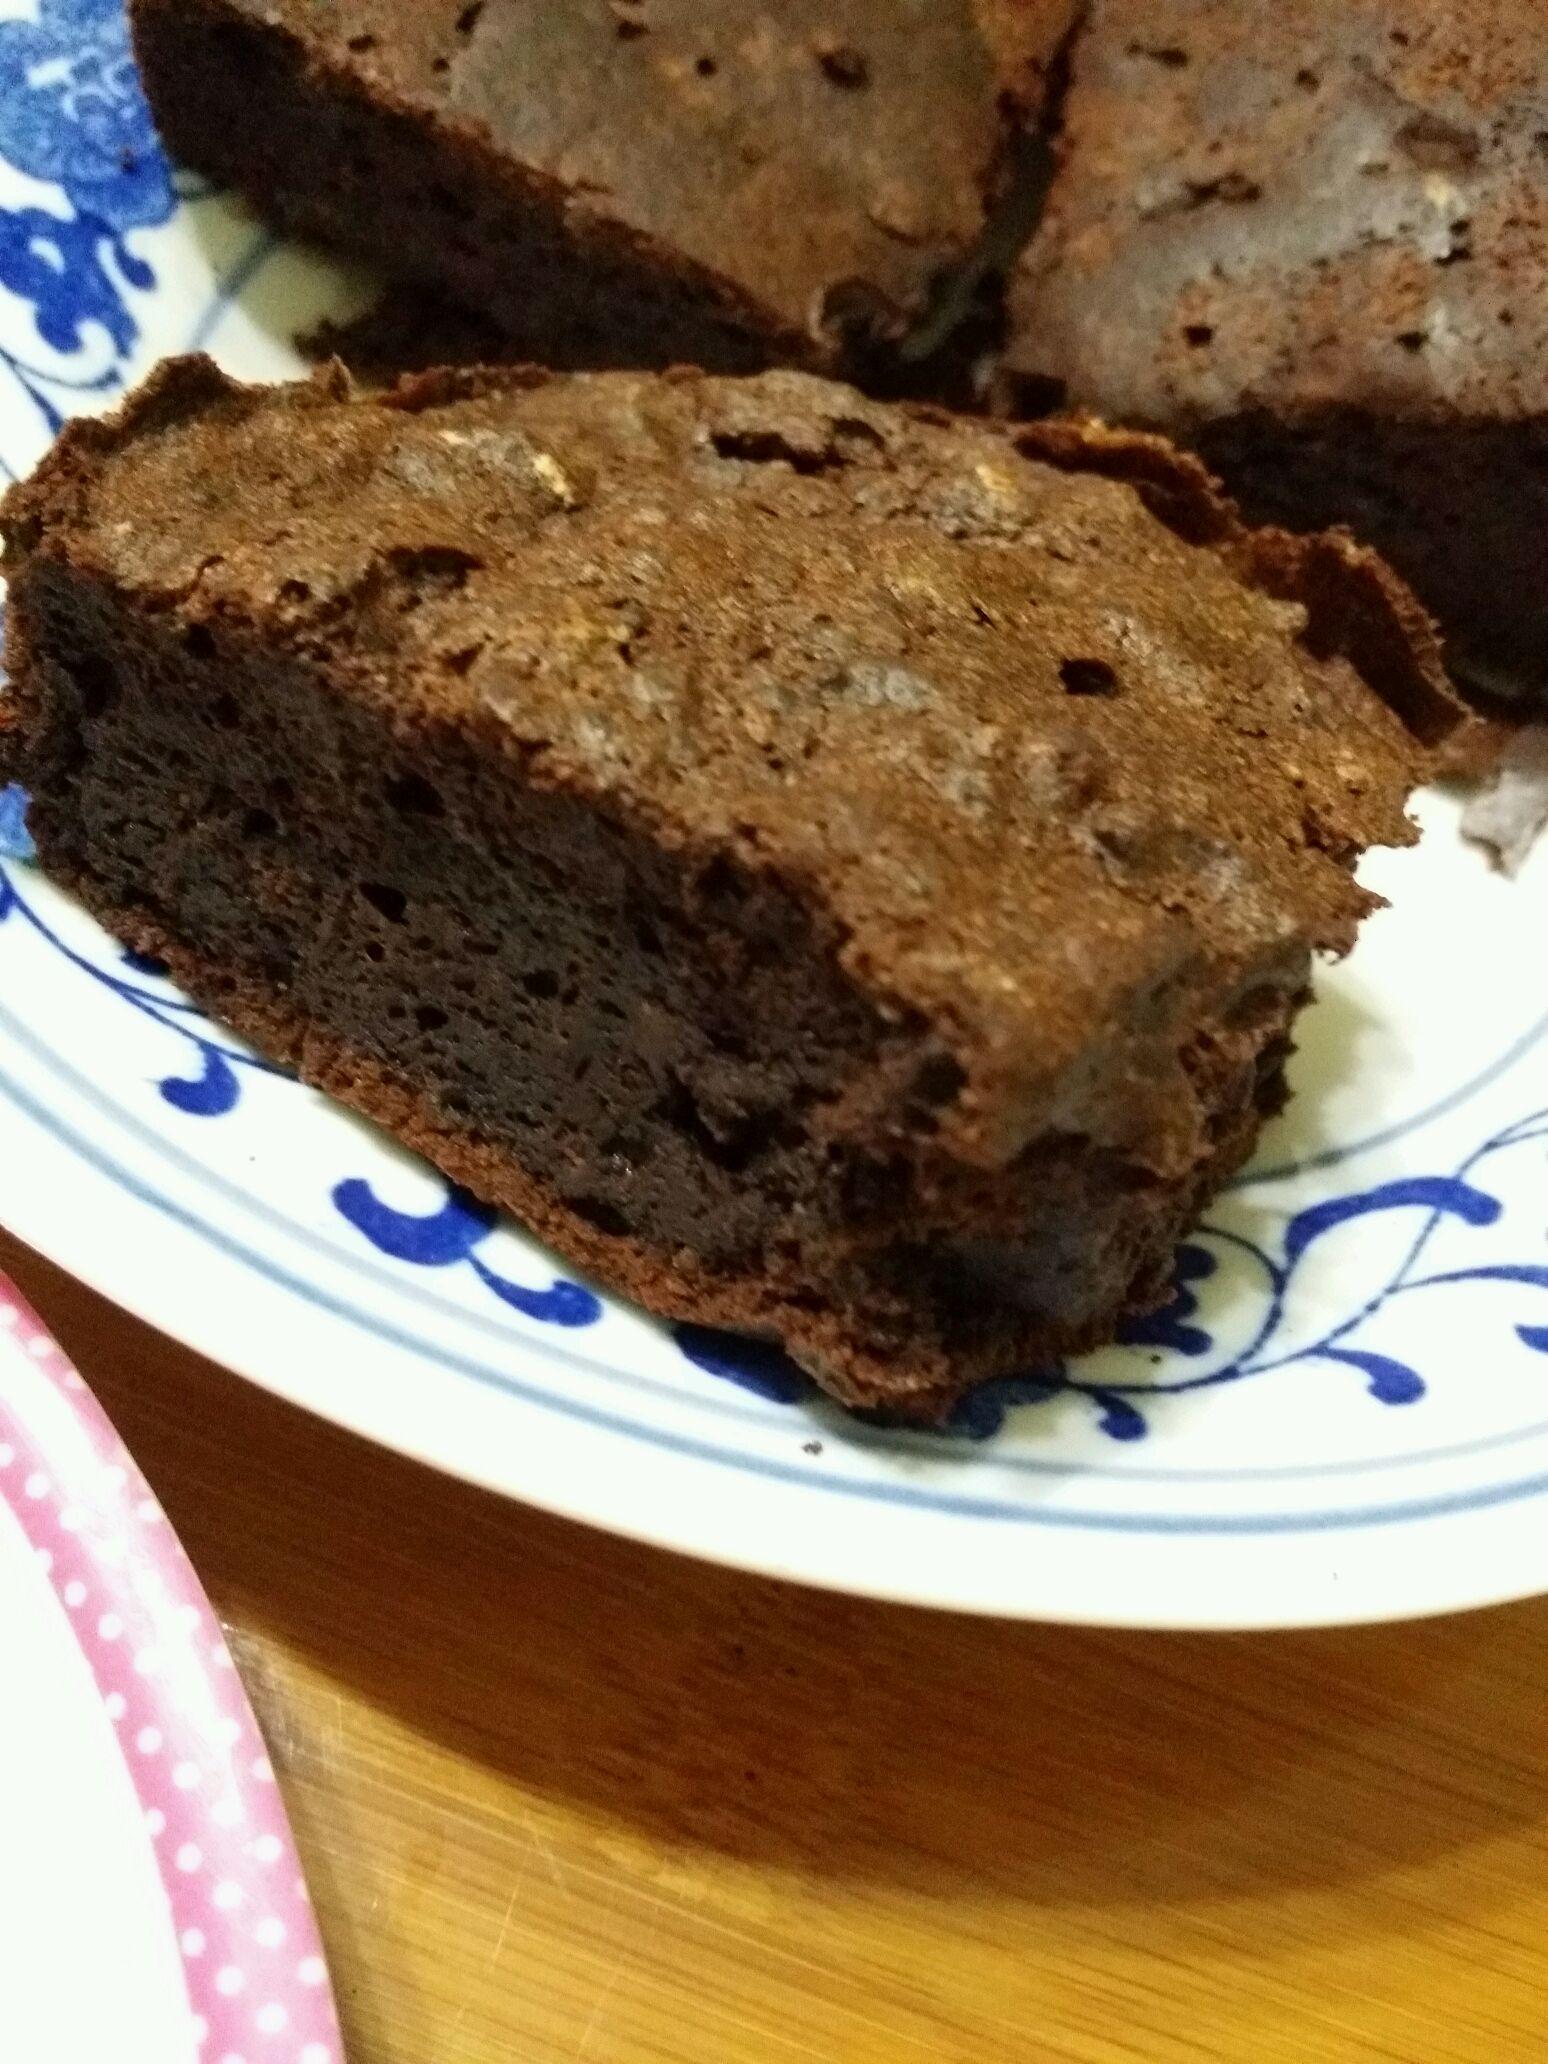 法式巧克力蛋糕的做法_【圖解】法式巧克力蛋糕怎么做如何做好吃_法式巧克力蛋糕家常做法大全_麗瑩2_豆果美食